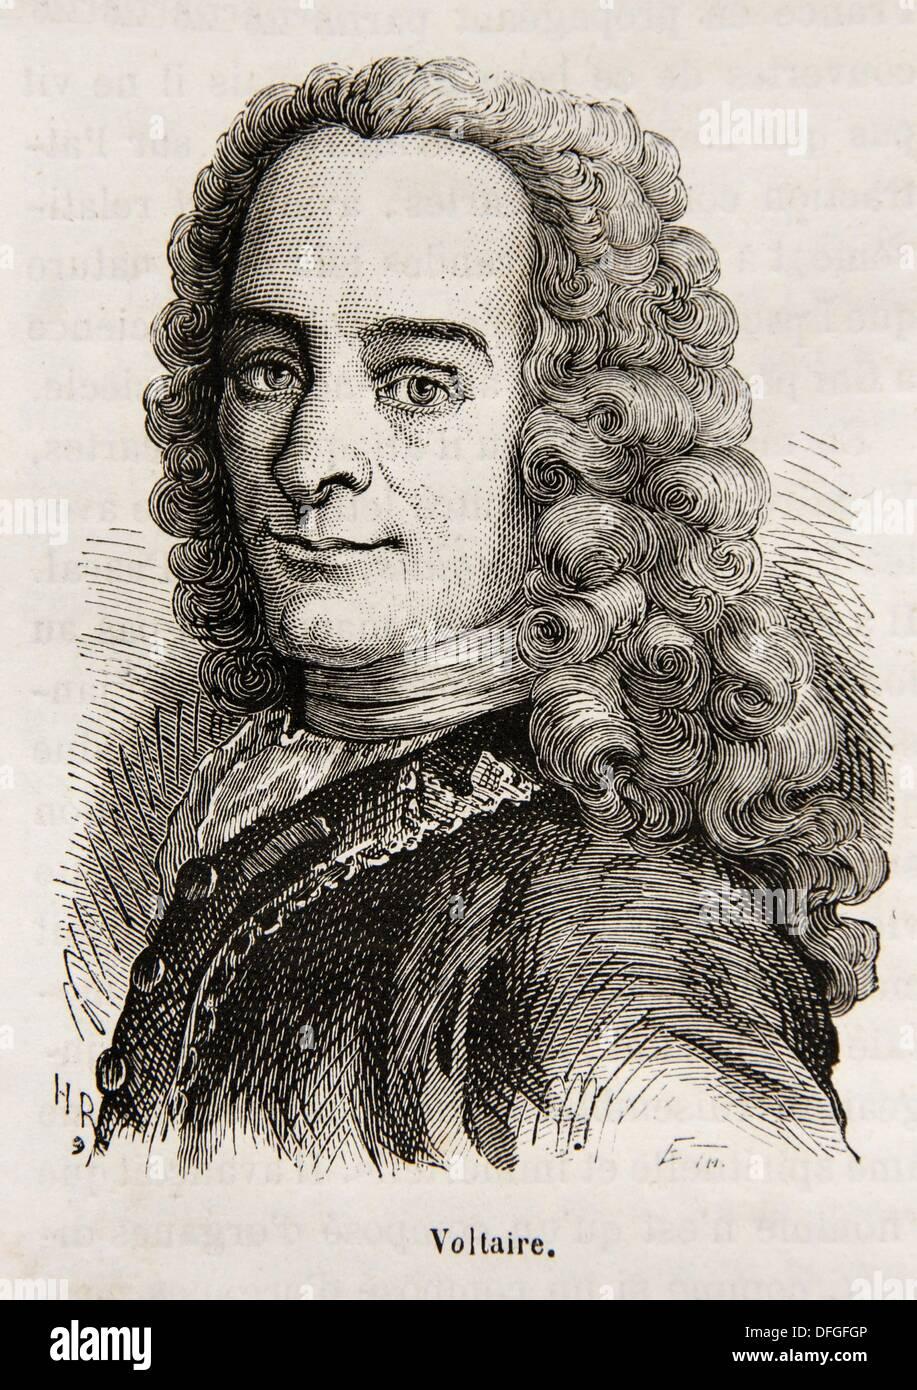 François-Marie Arouet 21 novembre 1694 - 30 mai 1778, plus connu sous le nom de plume VOLTAIRE, était un écrivain français des Lumières Banque D'Images